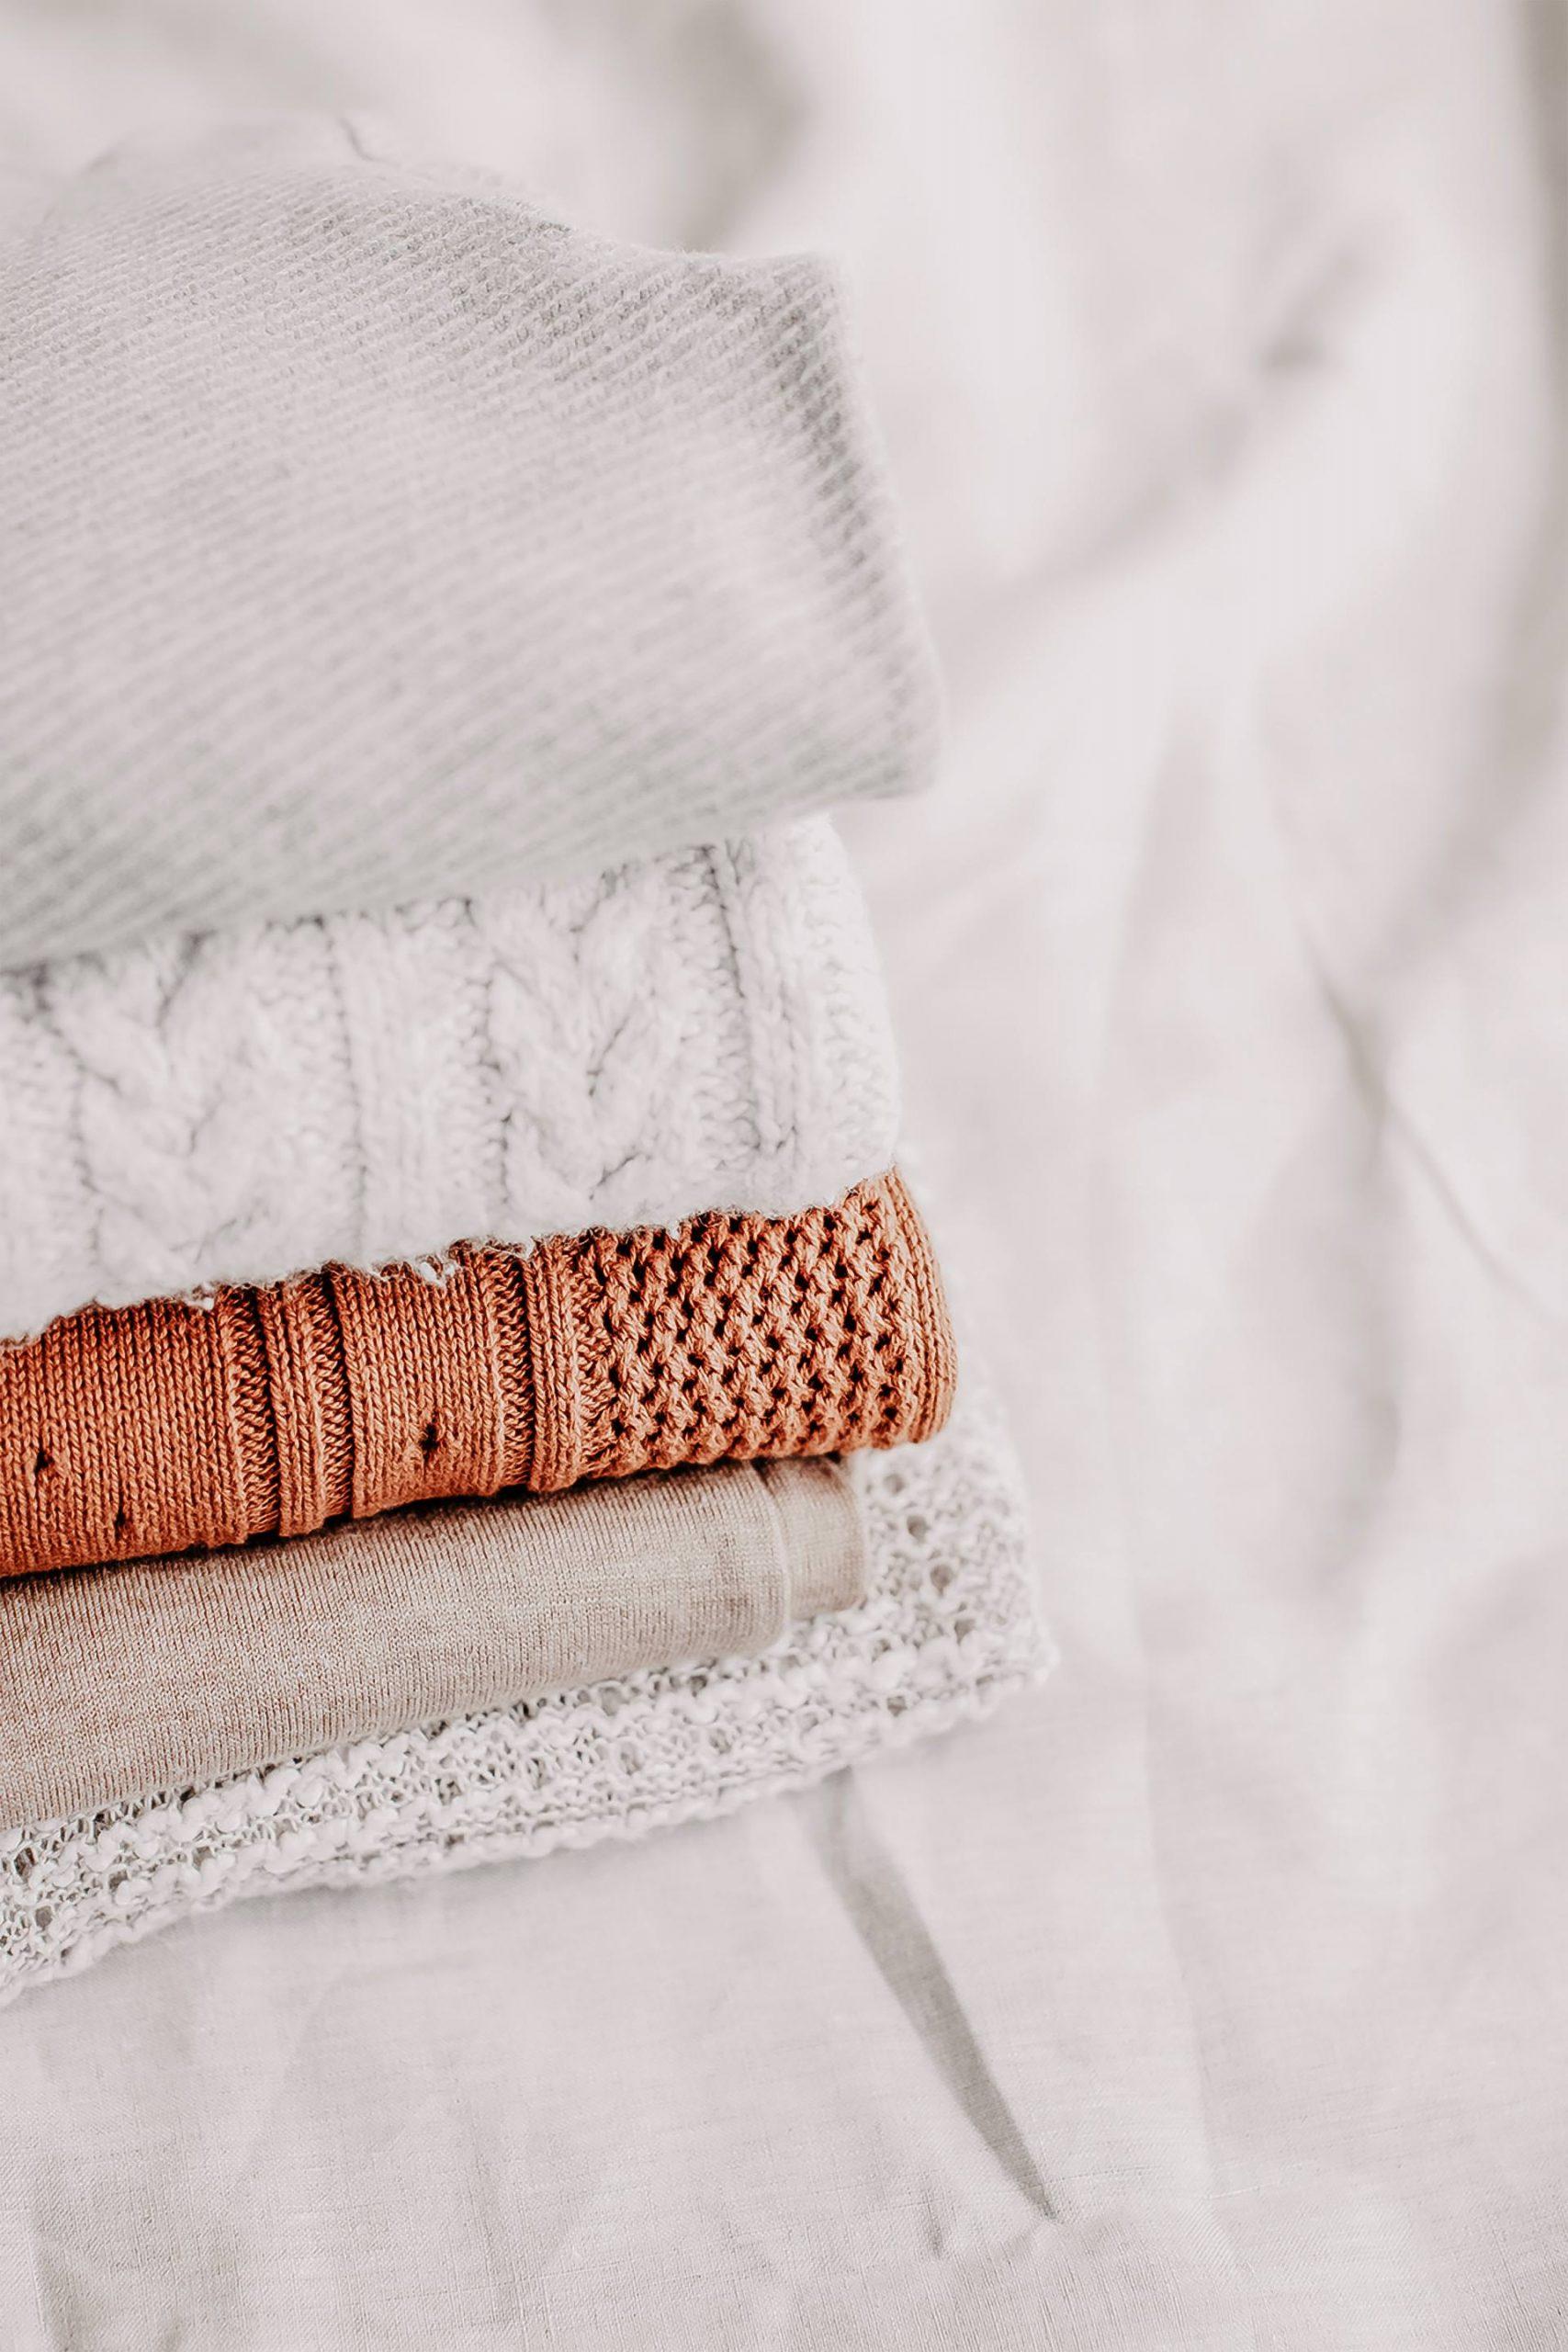 Du möchtest deinen persönlichen Stil finden? Am Modeblog stelle ich dir 9 Fragen, die dir dabei helfen werden, dein eigenes Stilbewusstsein zu finden und dich beim Aufbau deiner Basis-Garderobe unterstützen! www.whoismocca.com